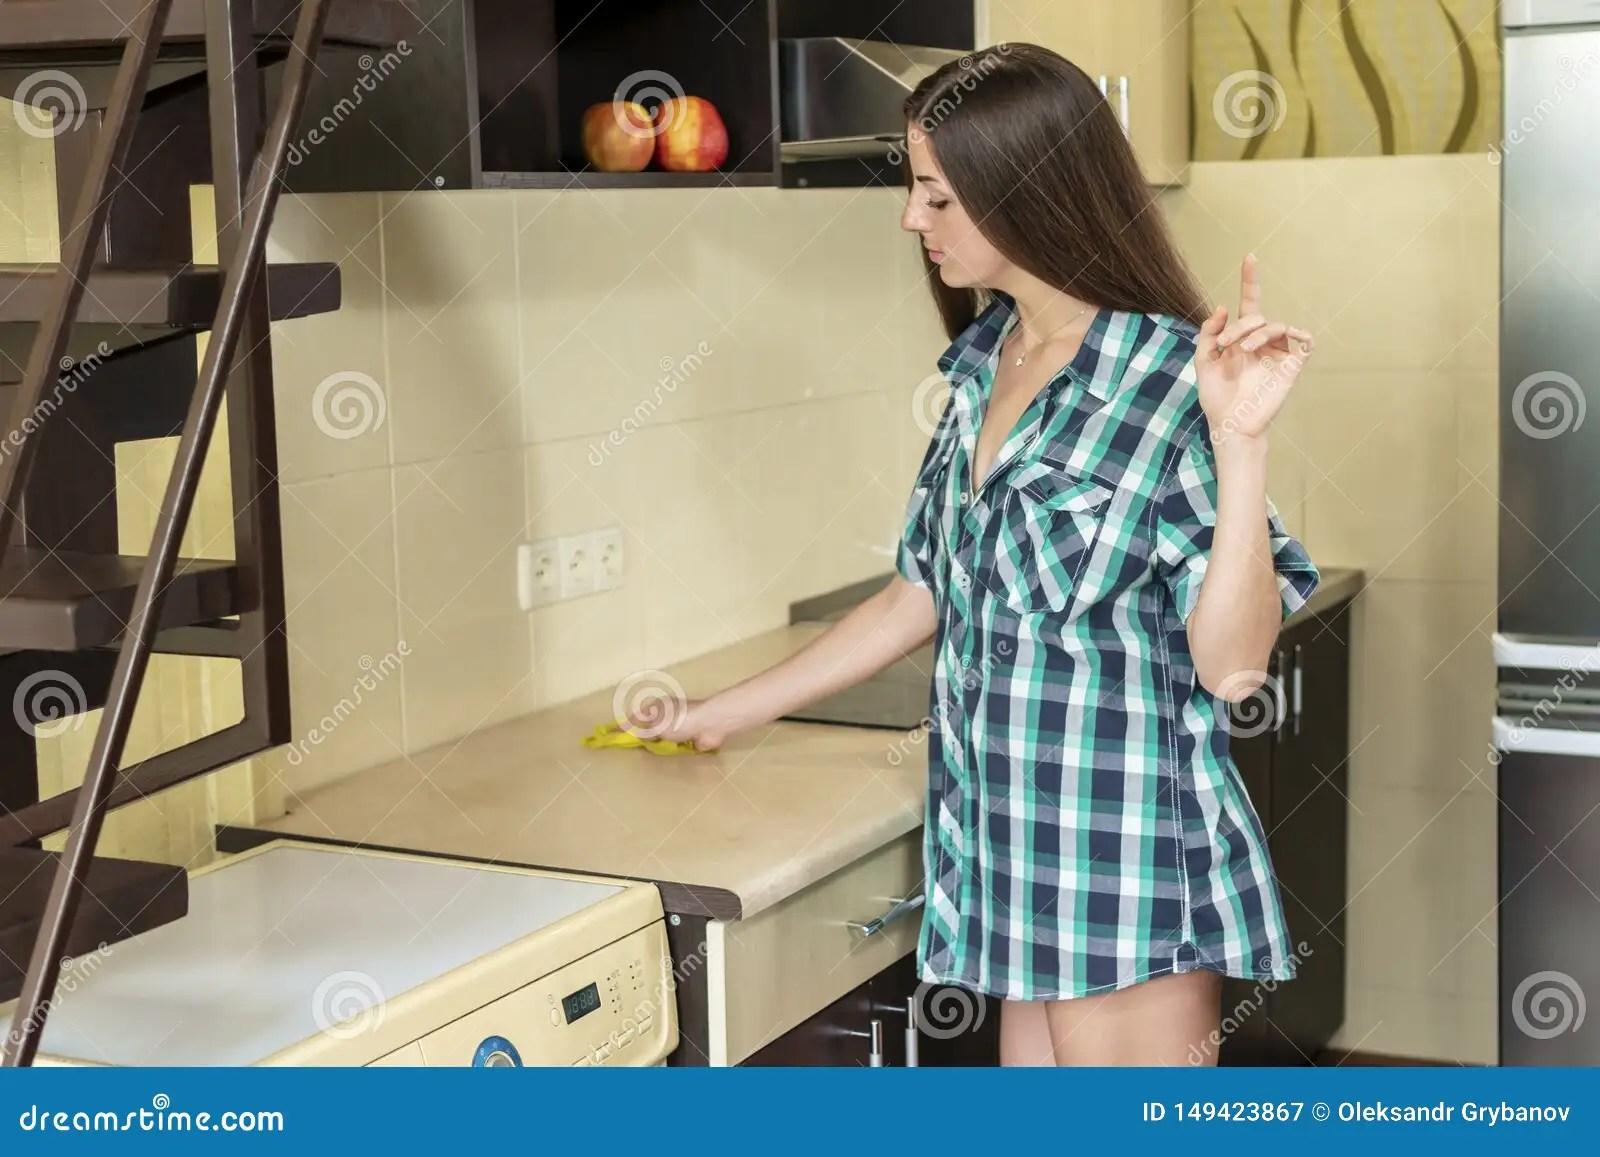 https fr dreamstime com femme nettoie cuisine belle sexy essuie table image149423867